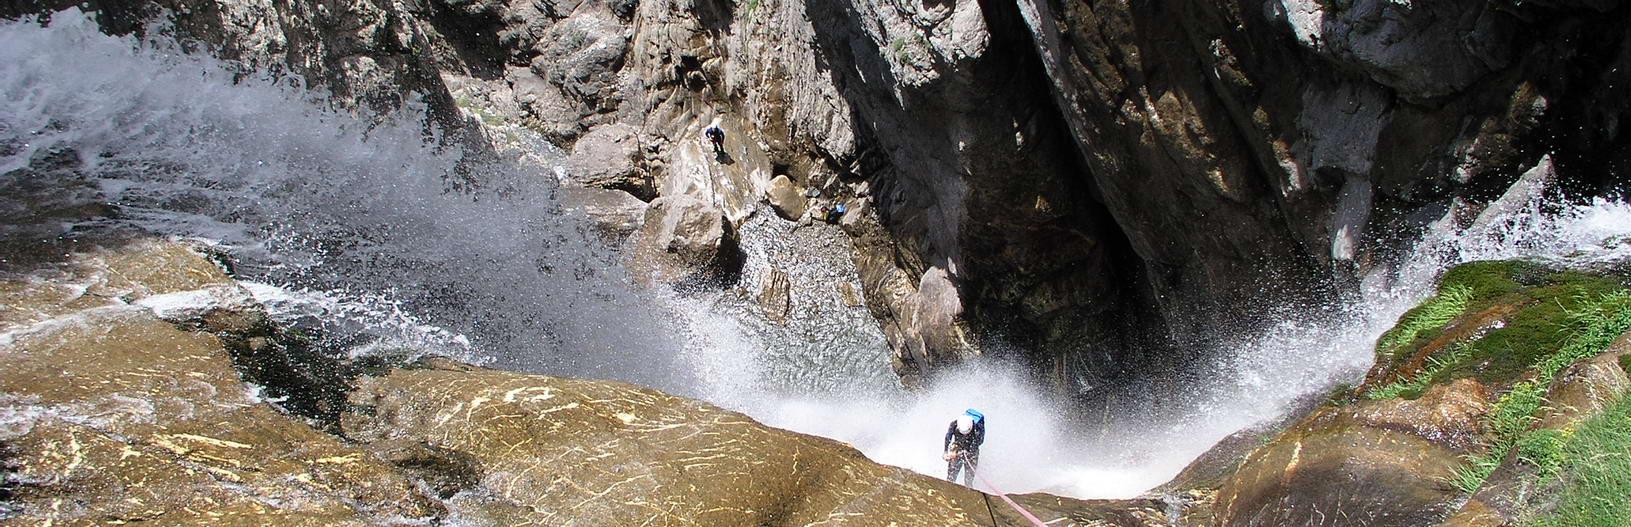 Lalarri Superior | Barrancos en España (ES)